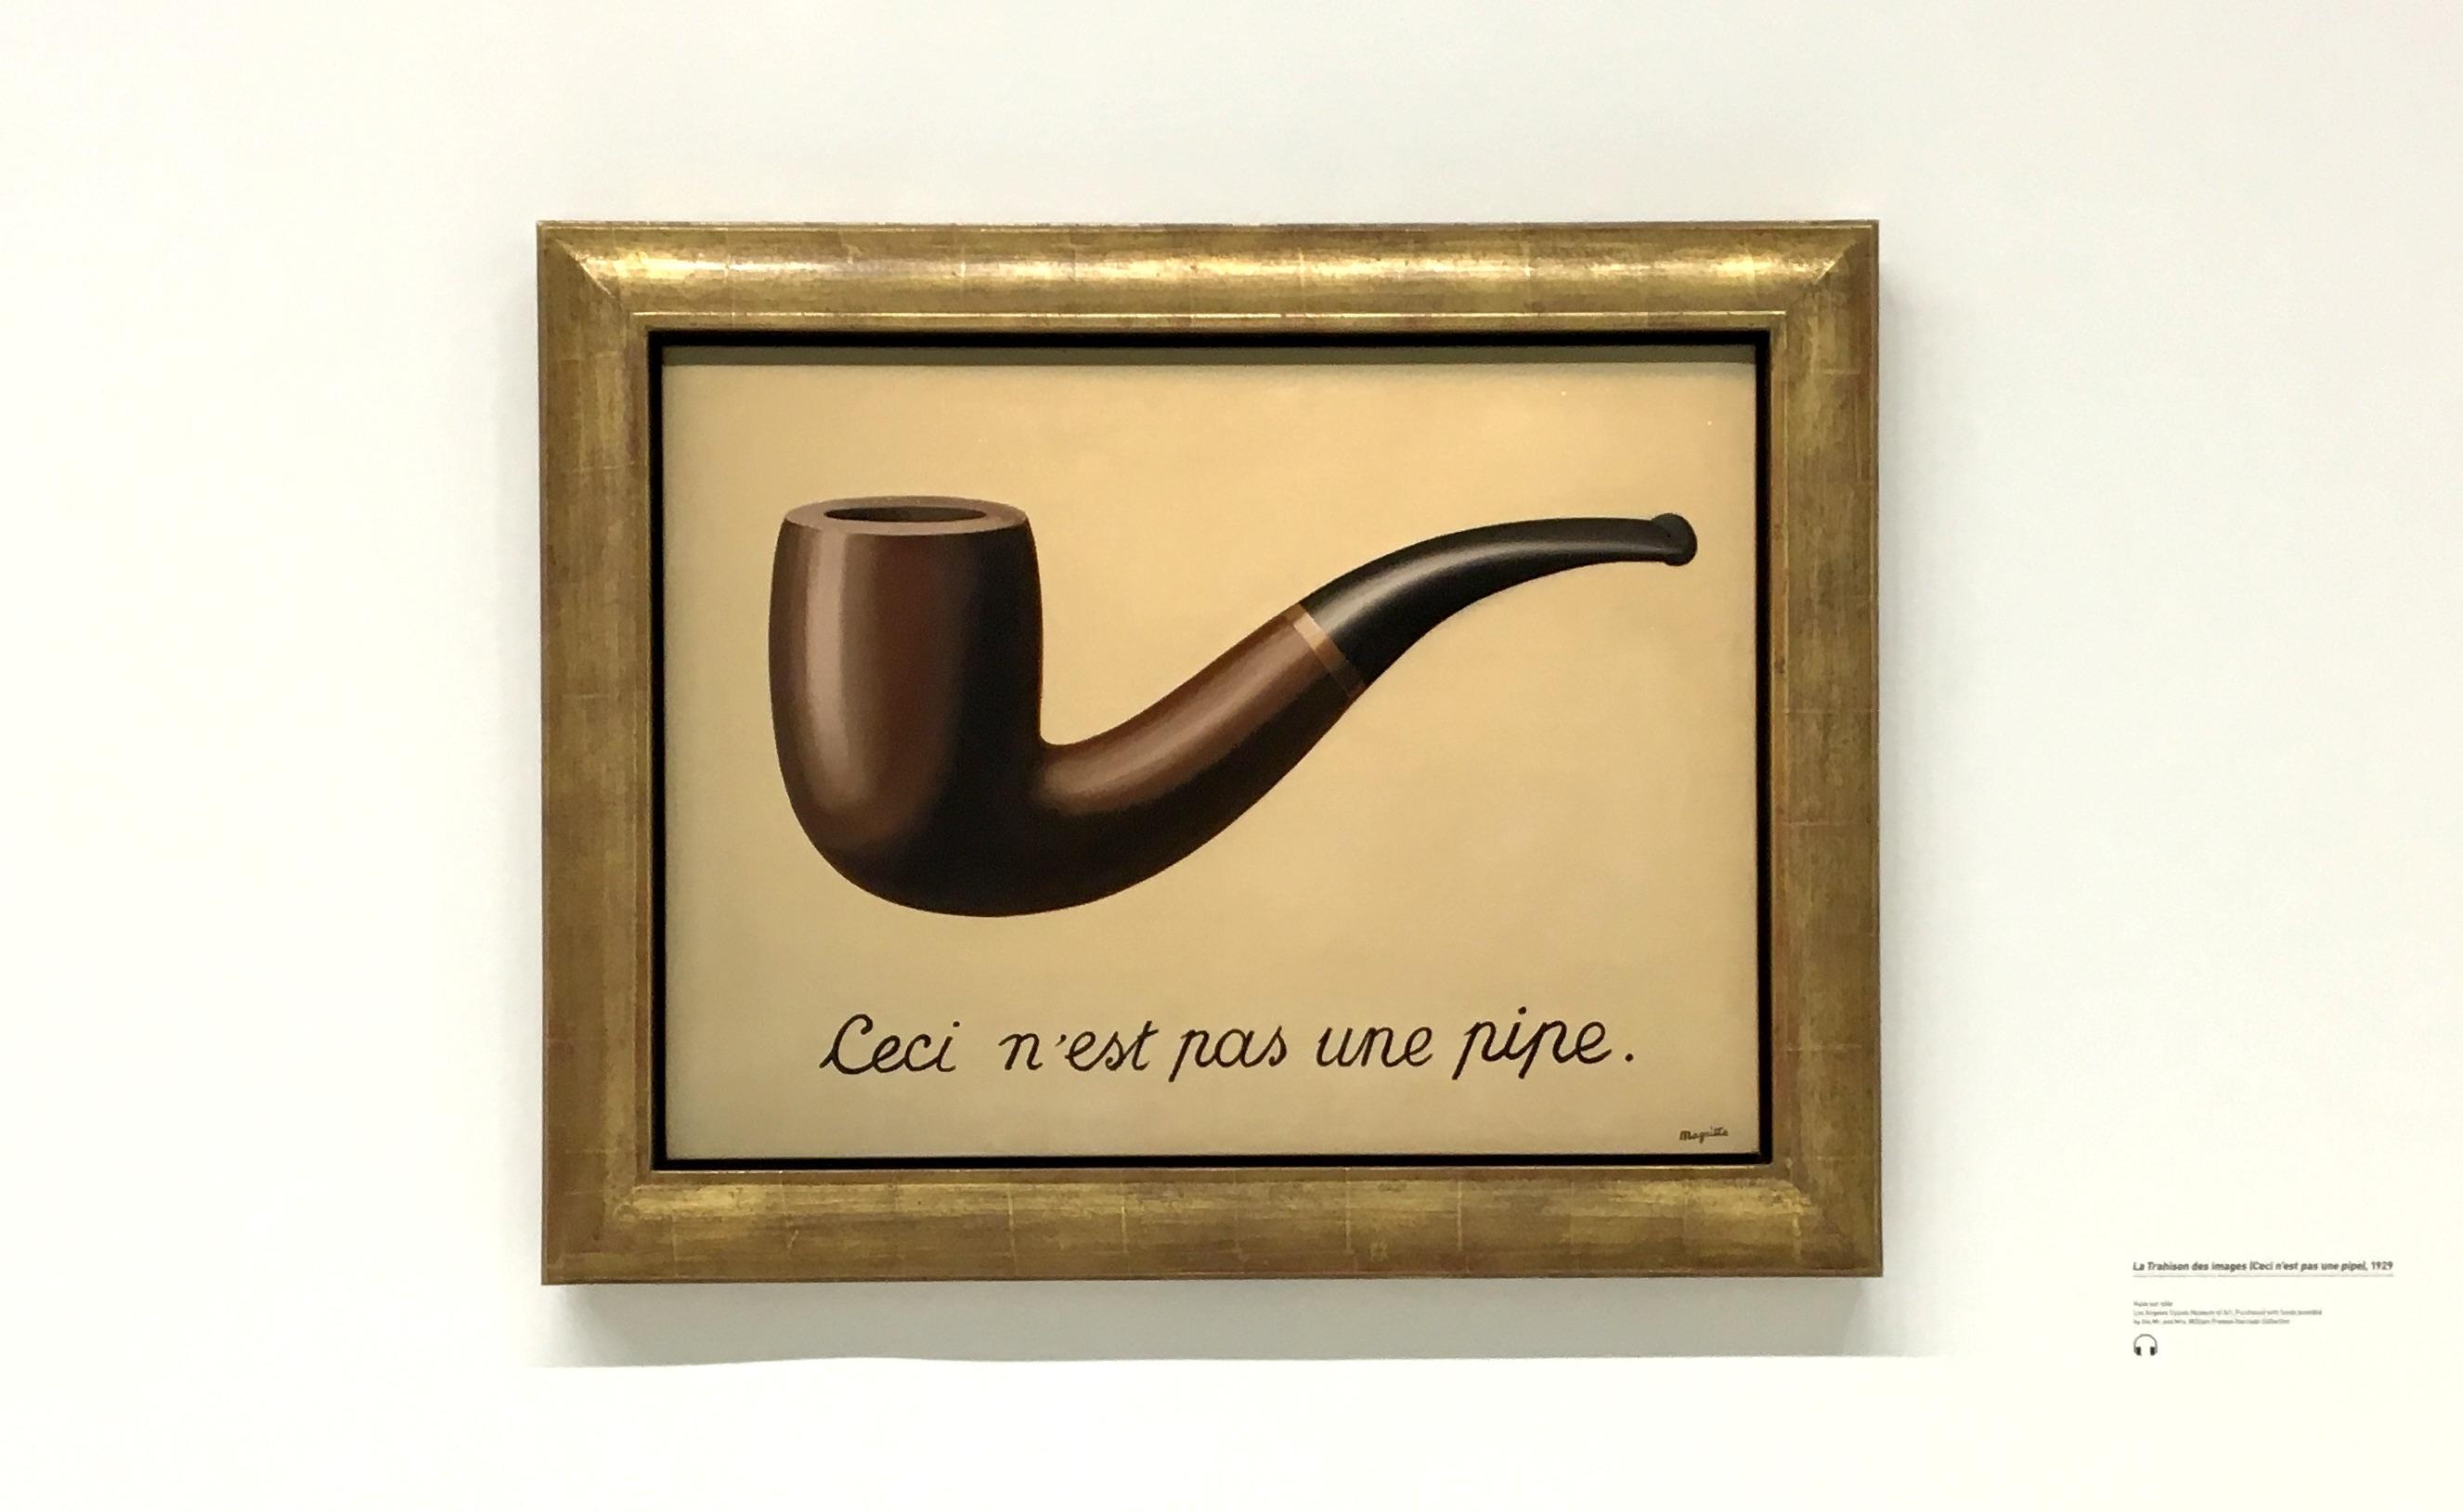 Tableau de Magritte Ceci n'est pas une pipe